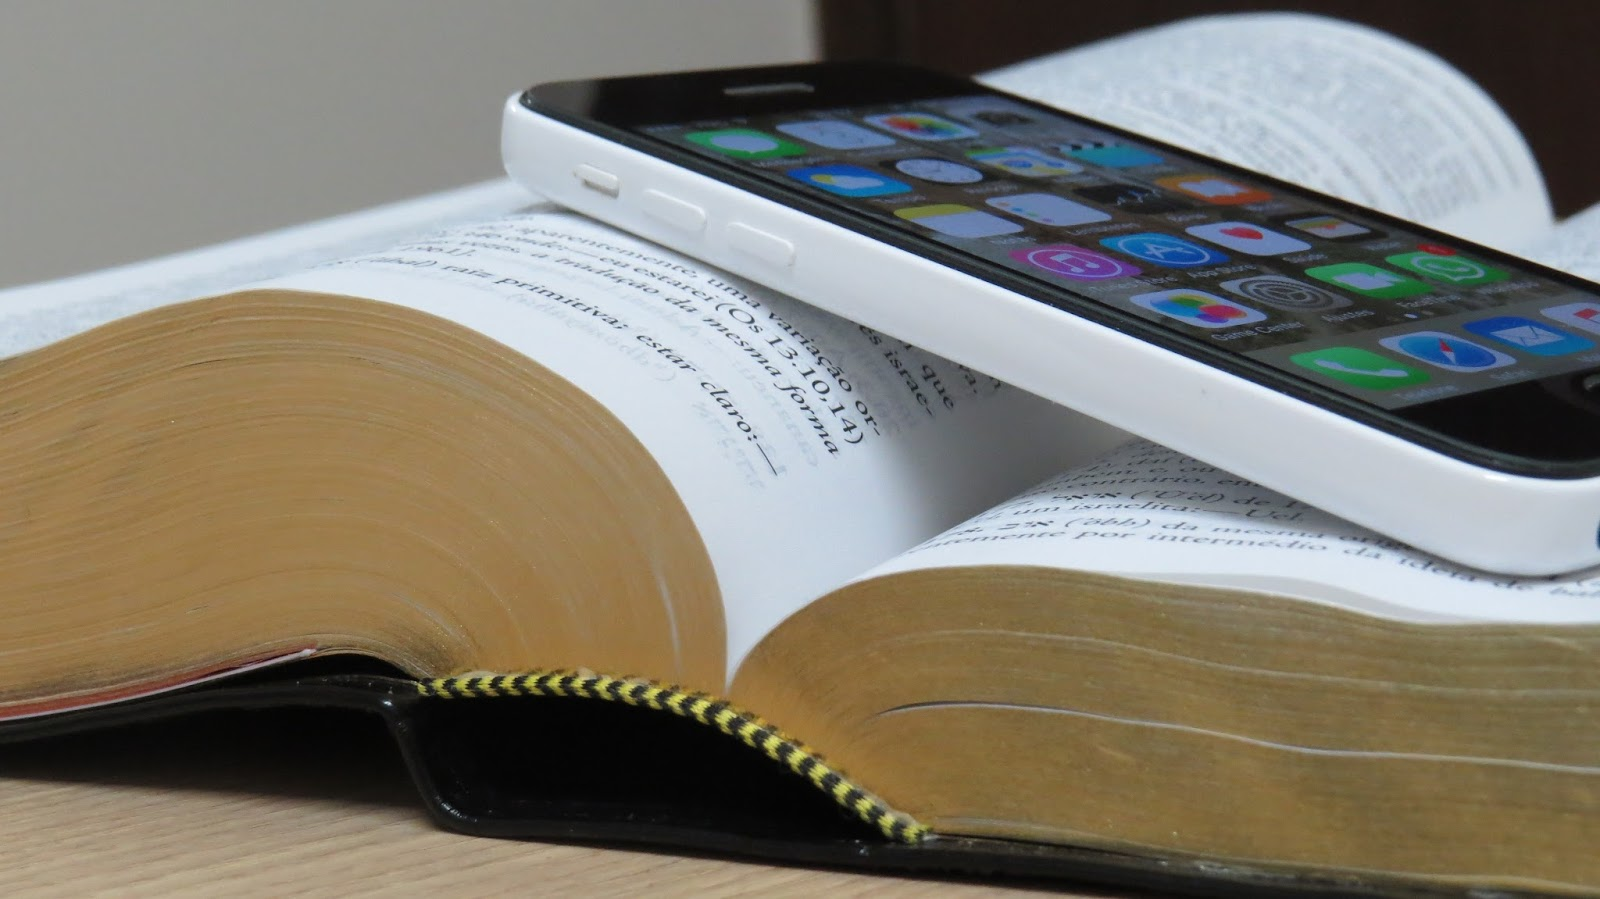 Ide, e Pregai o Evangelho, Blog para garotas cristãs, por Milene Oliveira